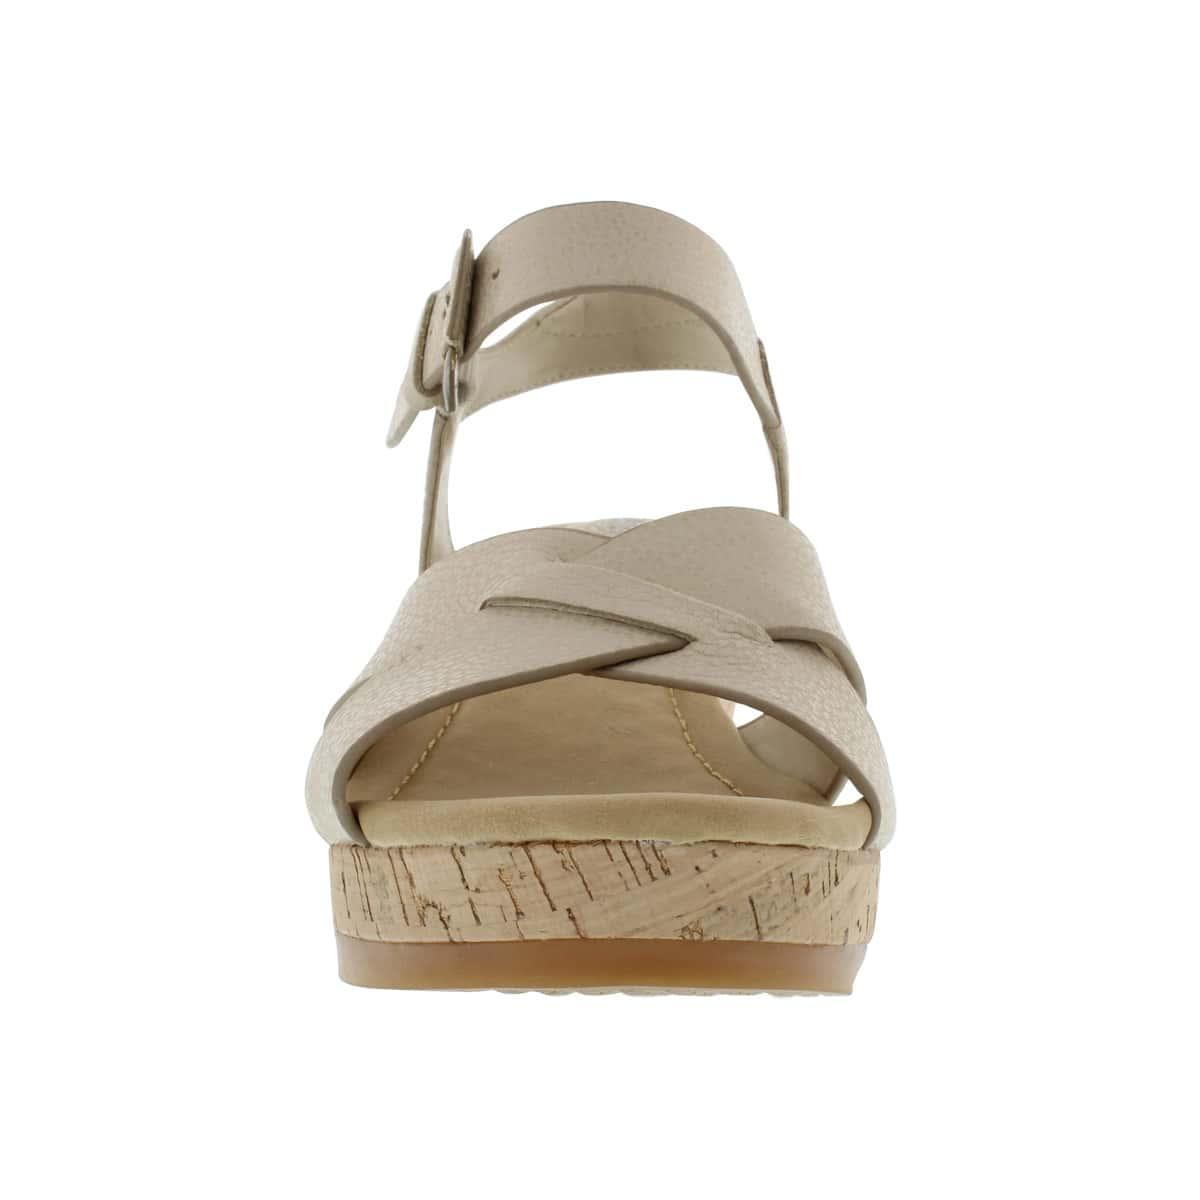 Lds Eva Farris off white wedge sandal